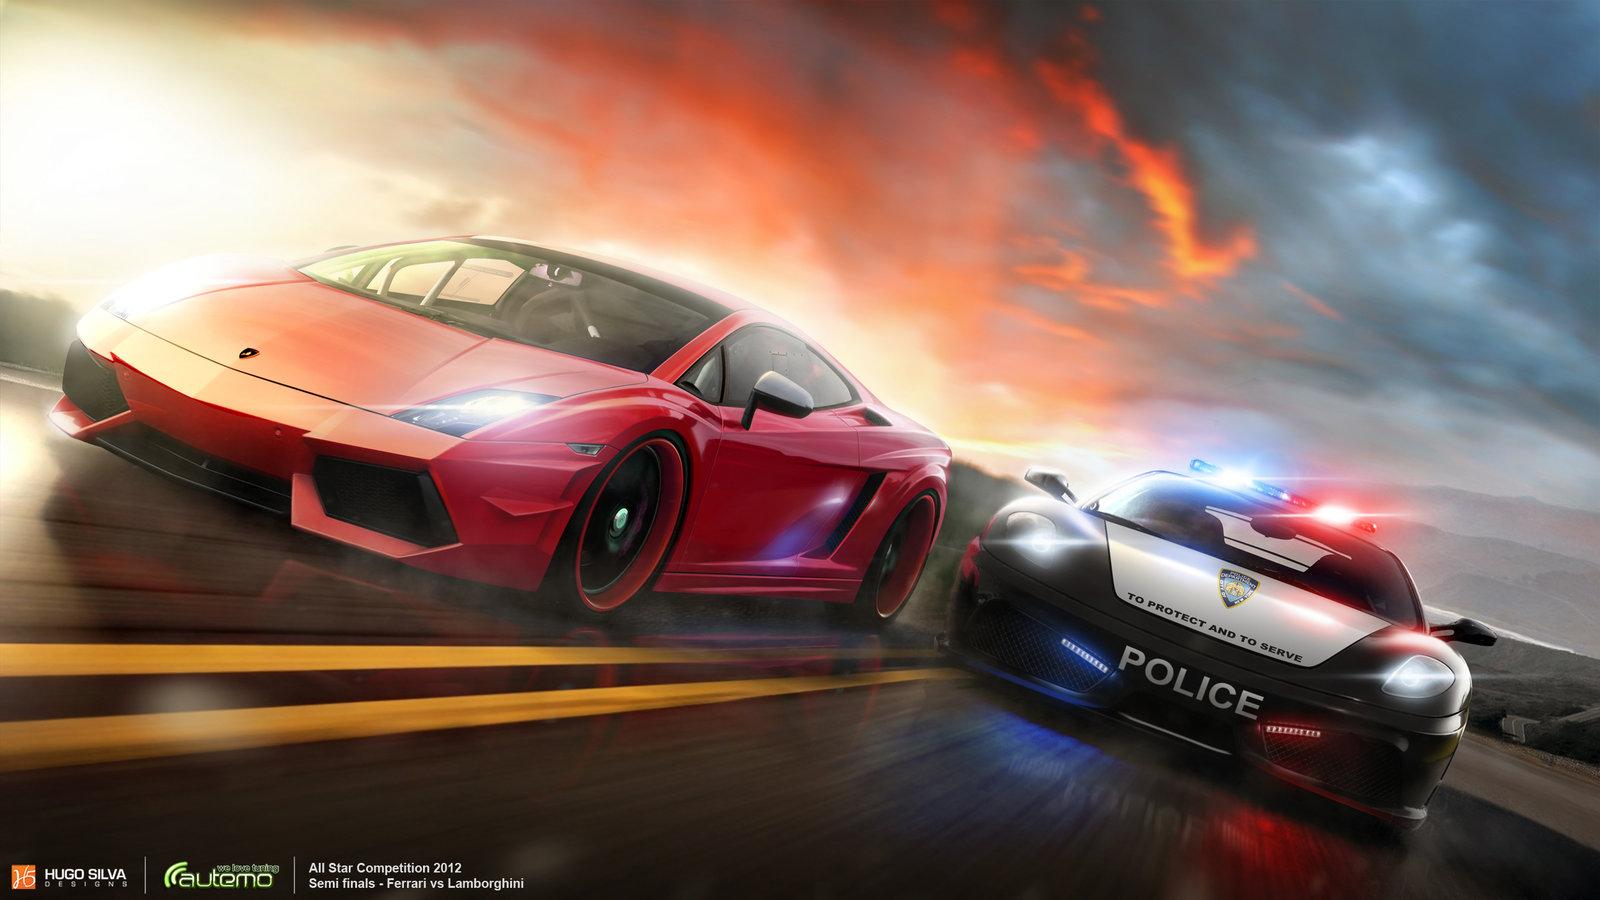 Ferrari vs Lamborghini - - Fribly